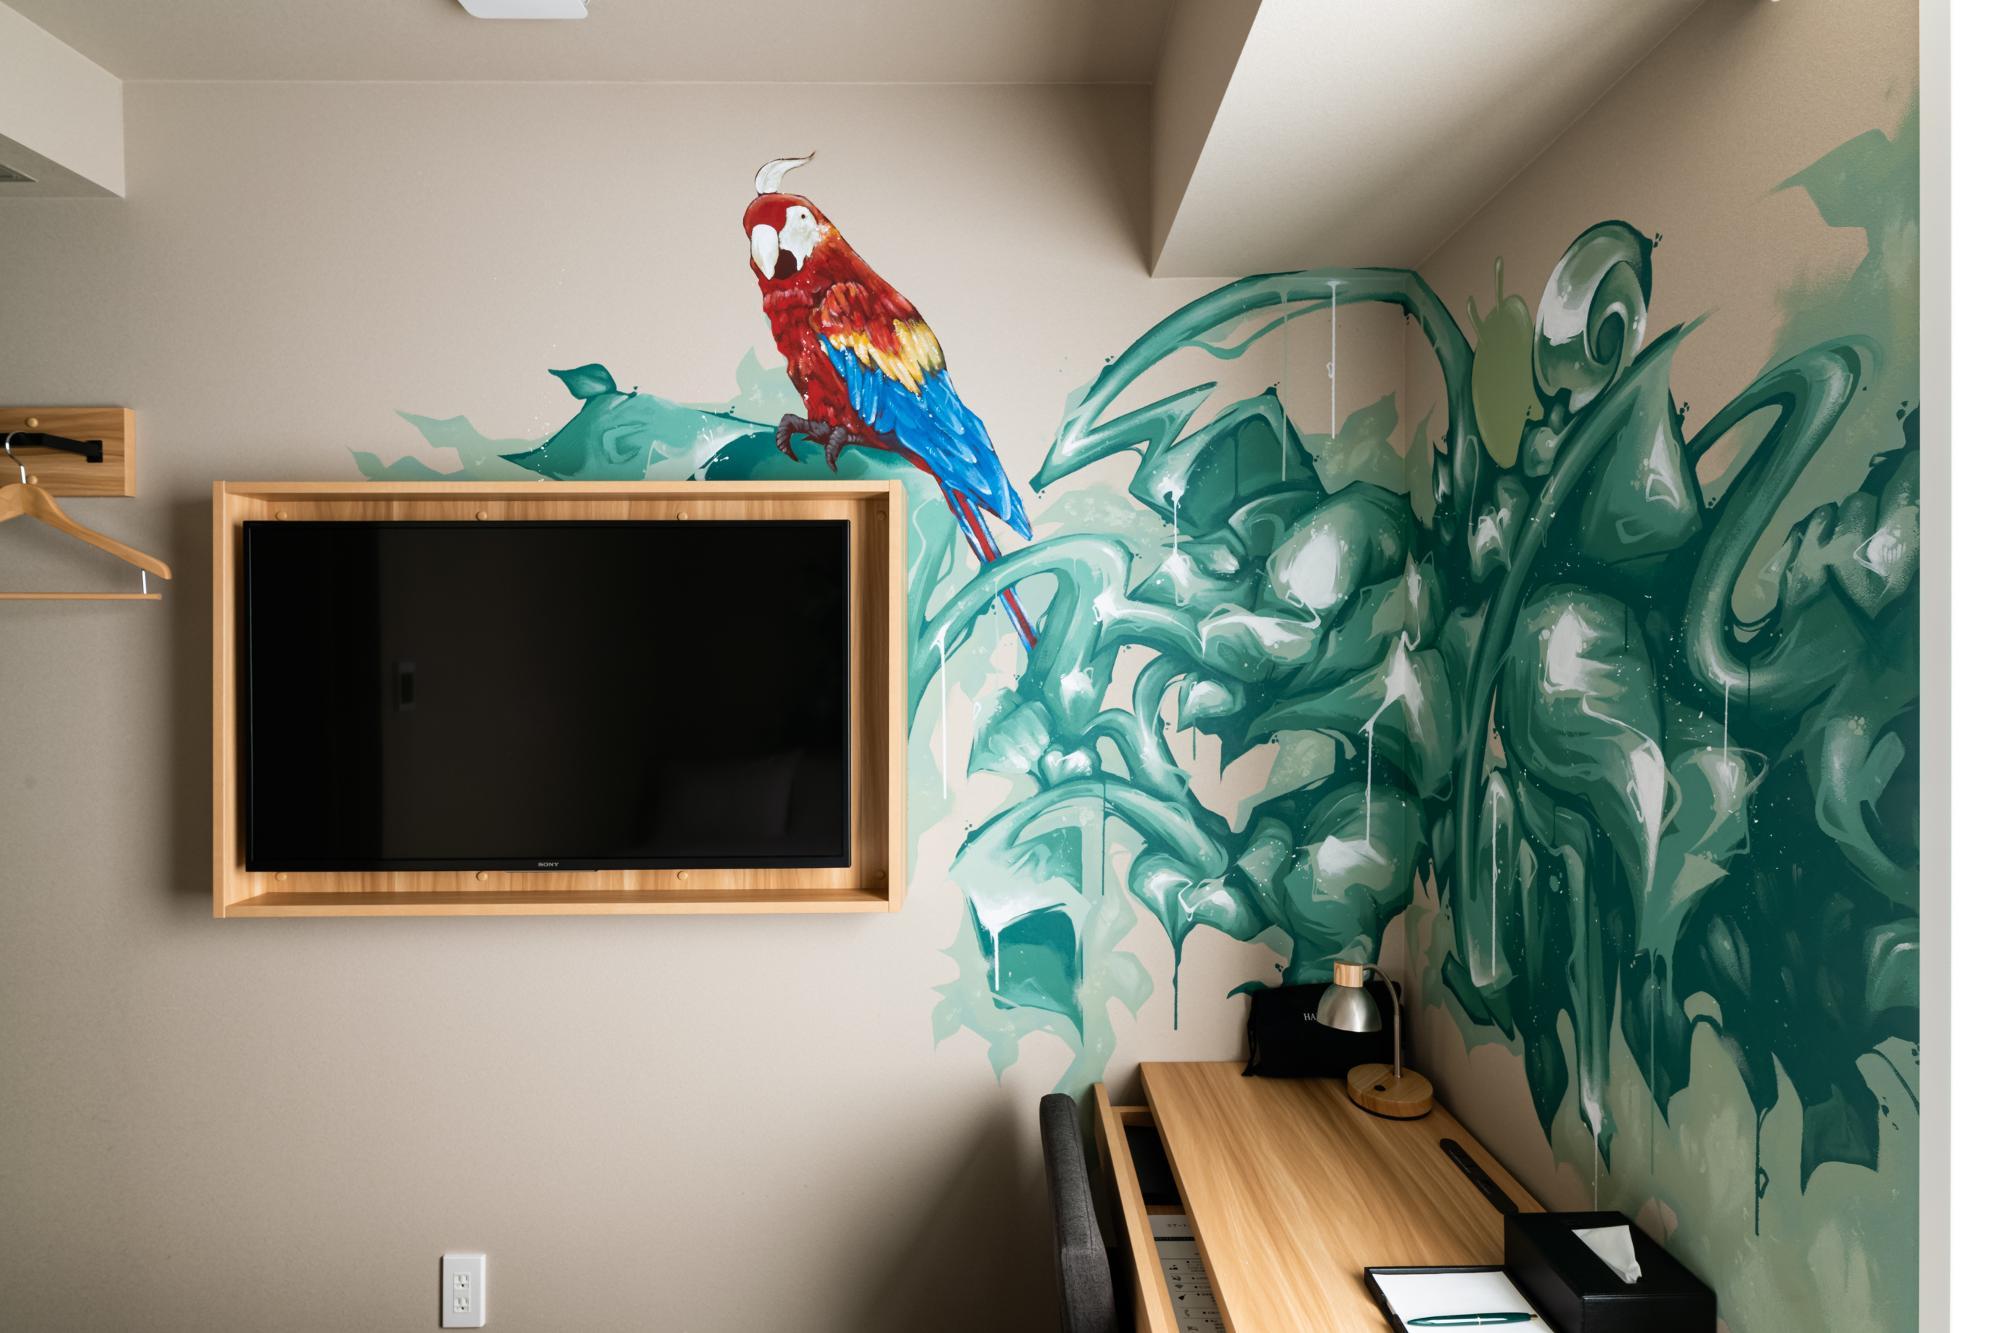 川崎市在住のアーティスト「WOOD」さんによるジャングルをイメージした絵